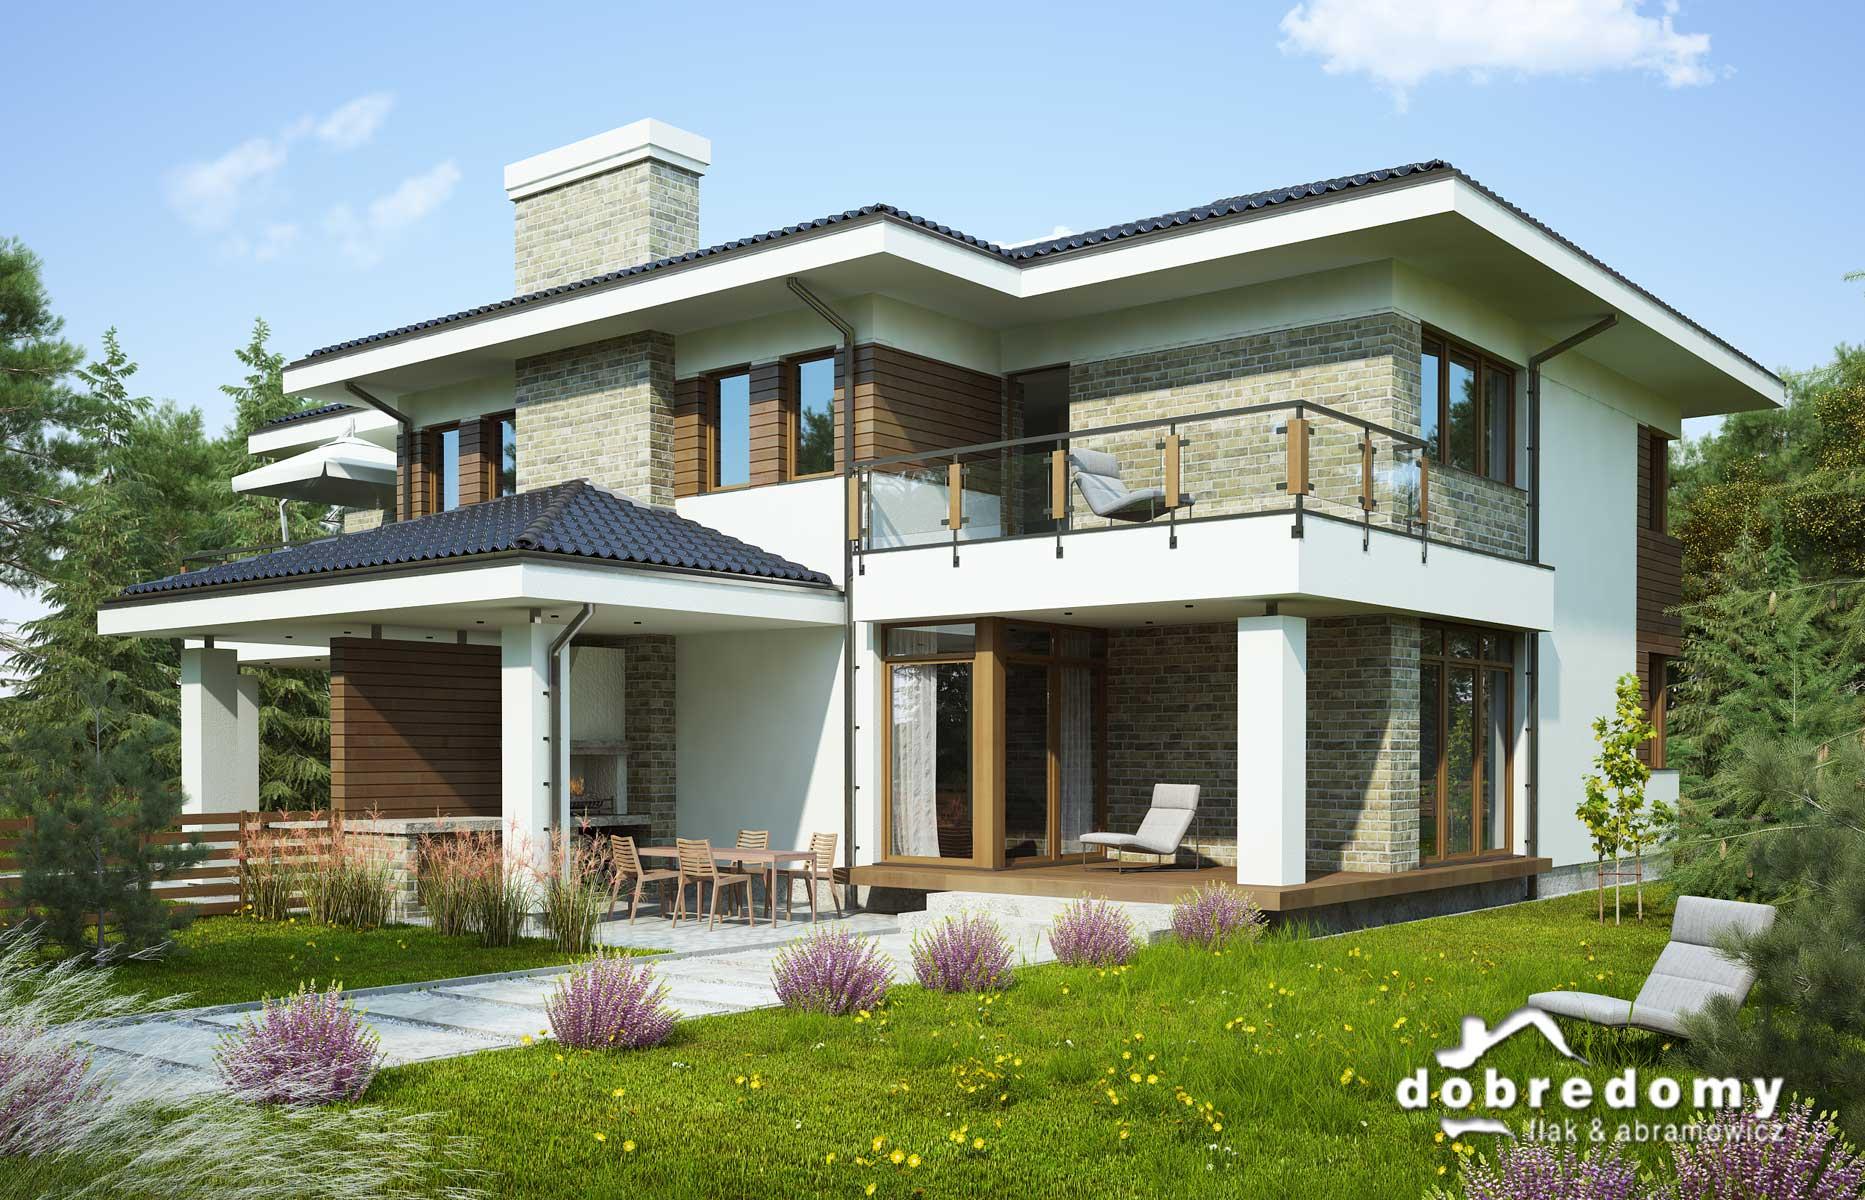 Przebudowa, rozbudowa czy nadbudowa – jak powiększyć dom?